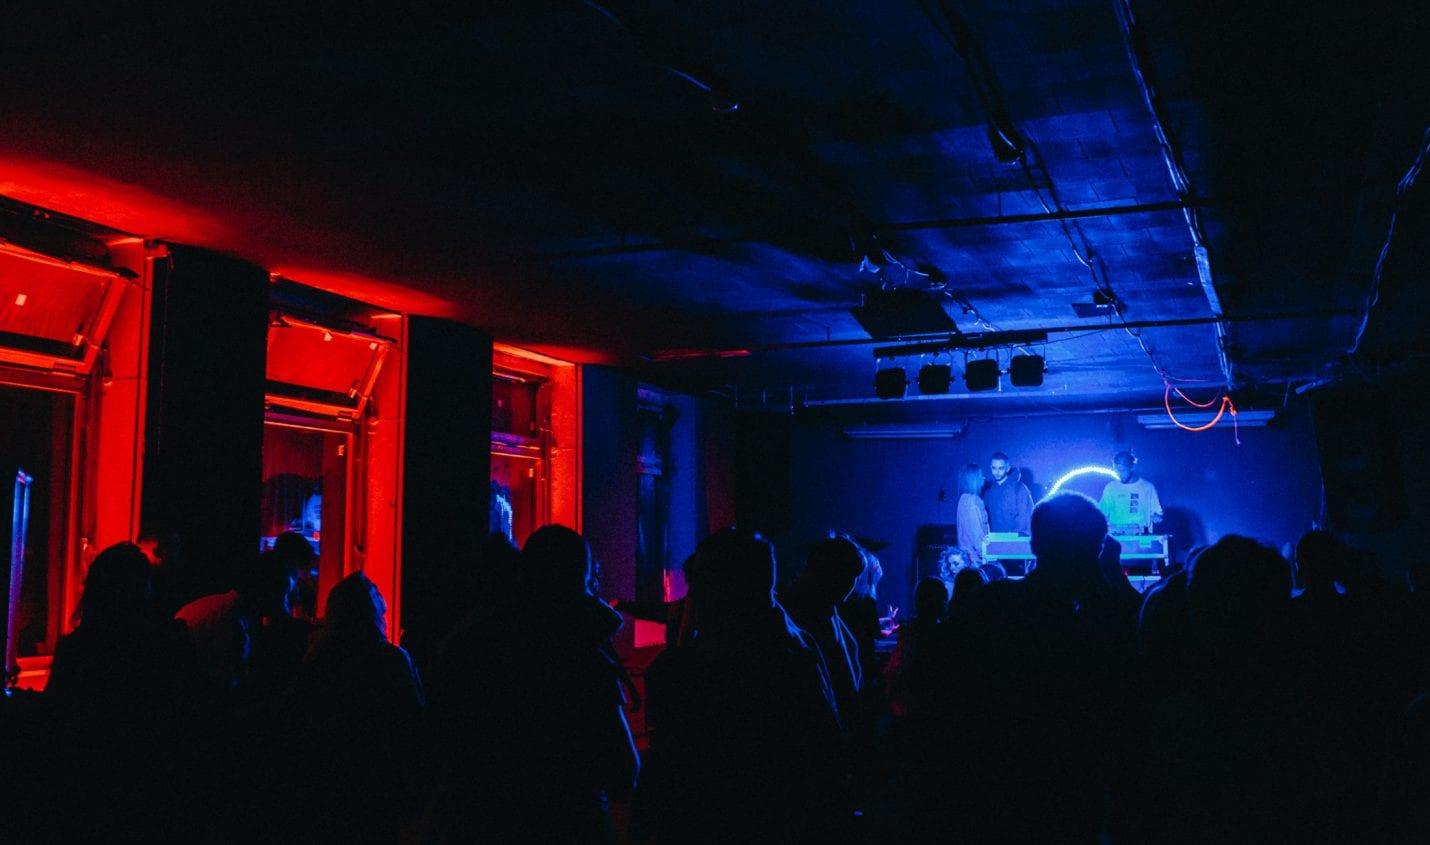 Clubs und Festivals in den Niederlanden müssen wieder schließen